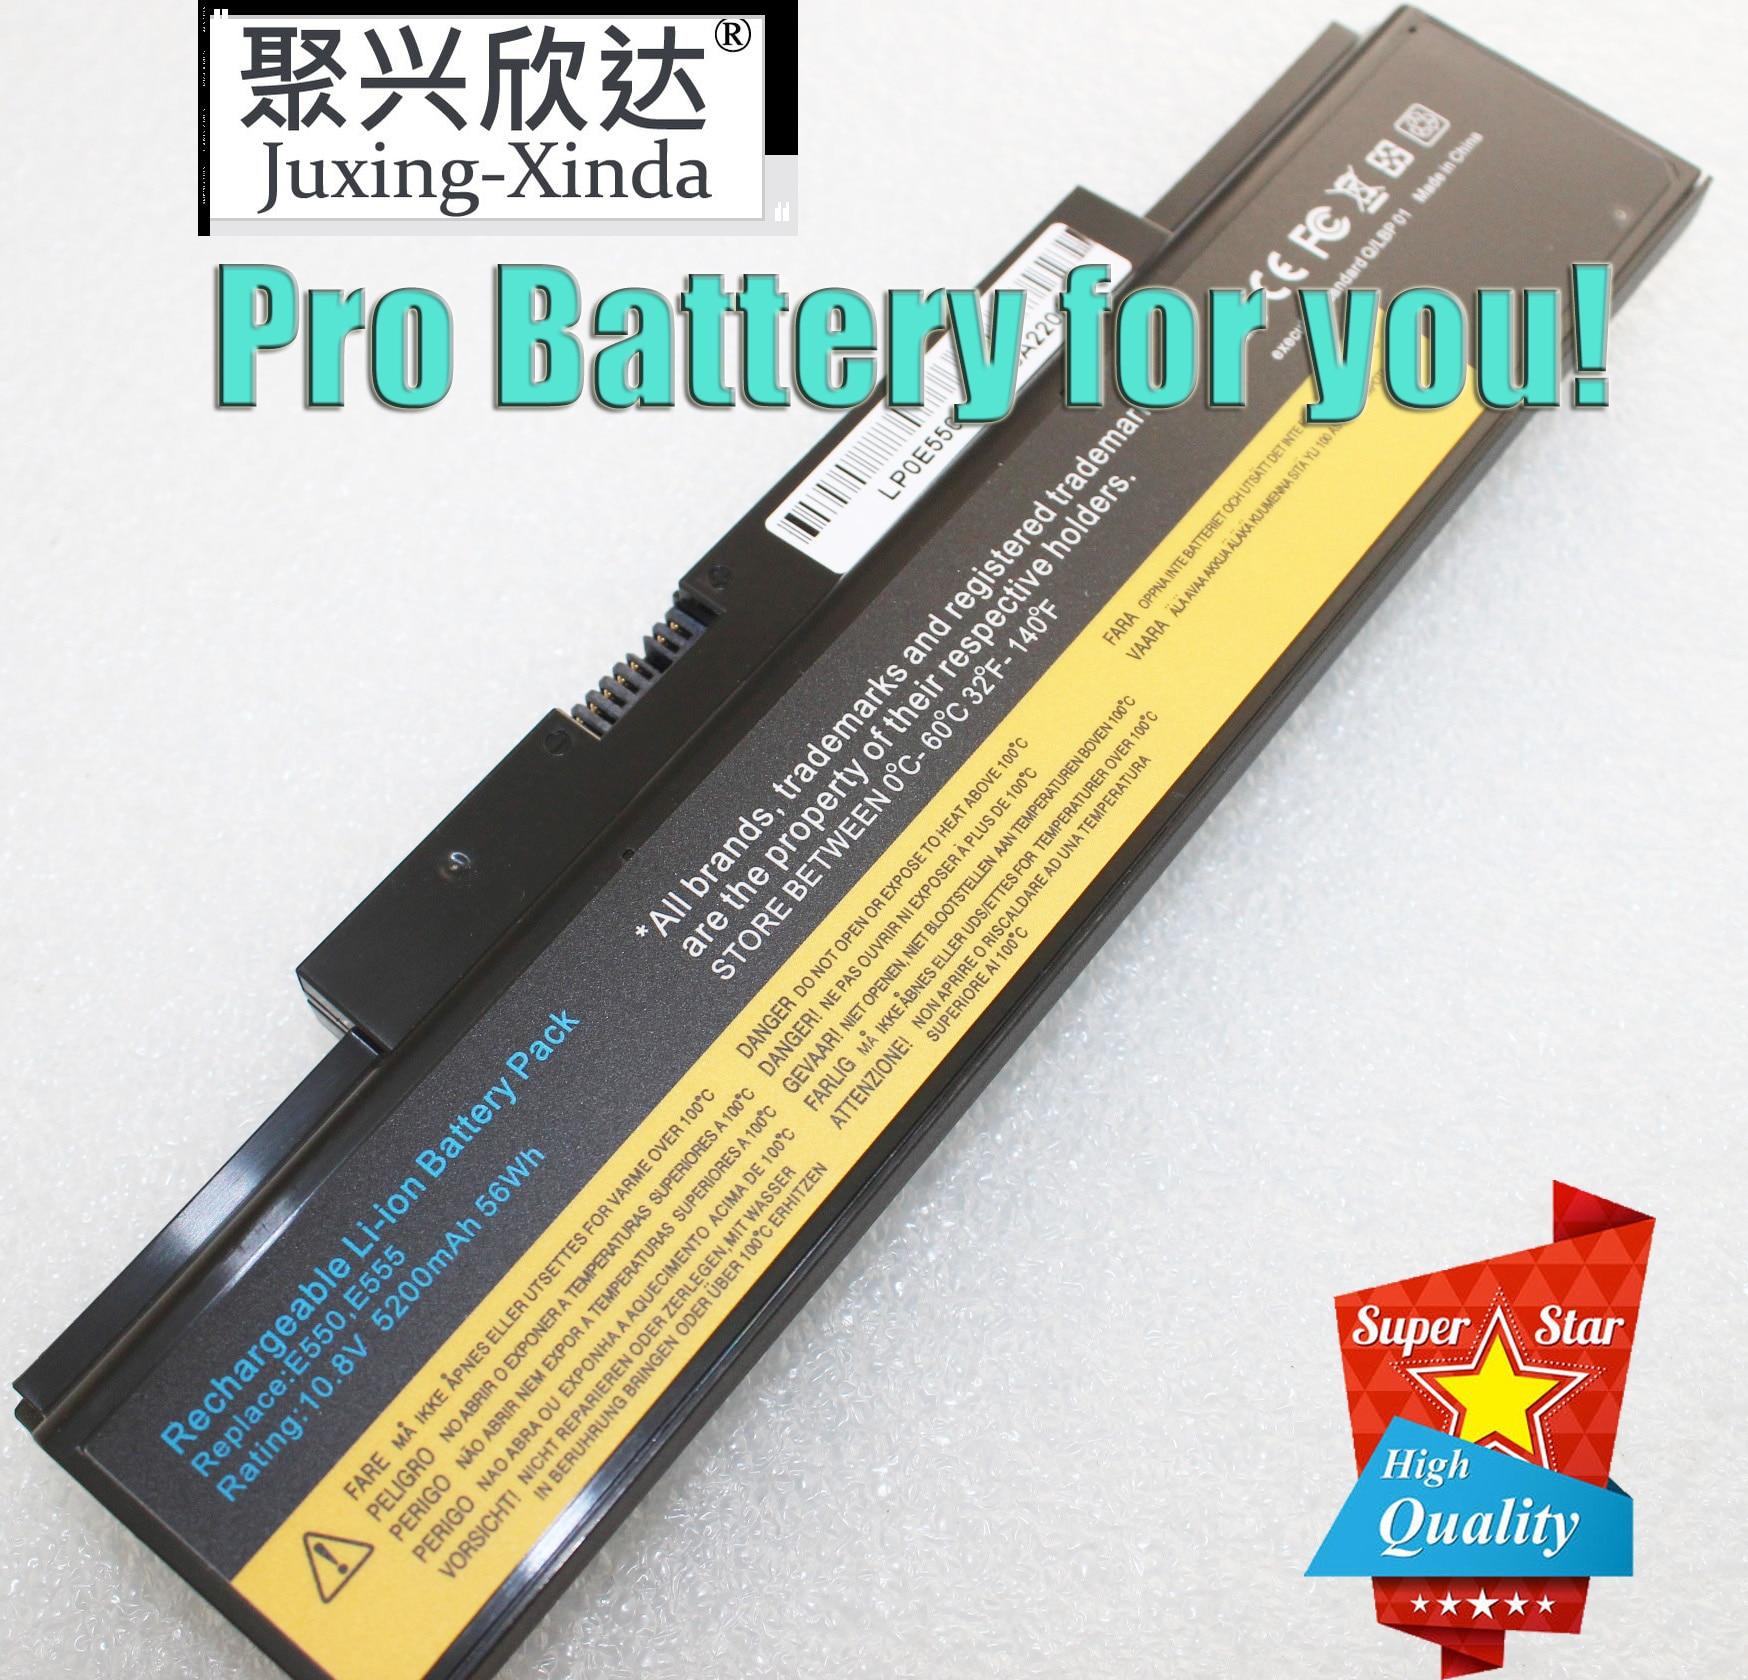 Bateria do portátil Para Lenovo ThinkPad E555 E550 E550C E560 E565C 45N1759 45N1758 45N1760 45N1761 45N1762 45N1763 Borda E550 E550c